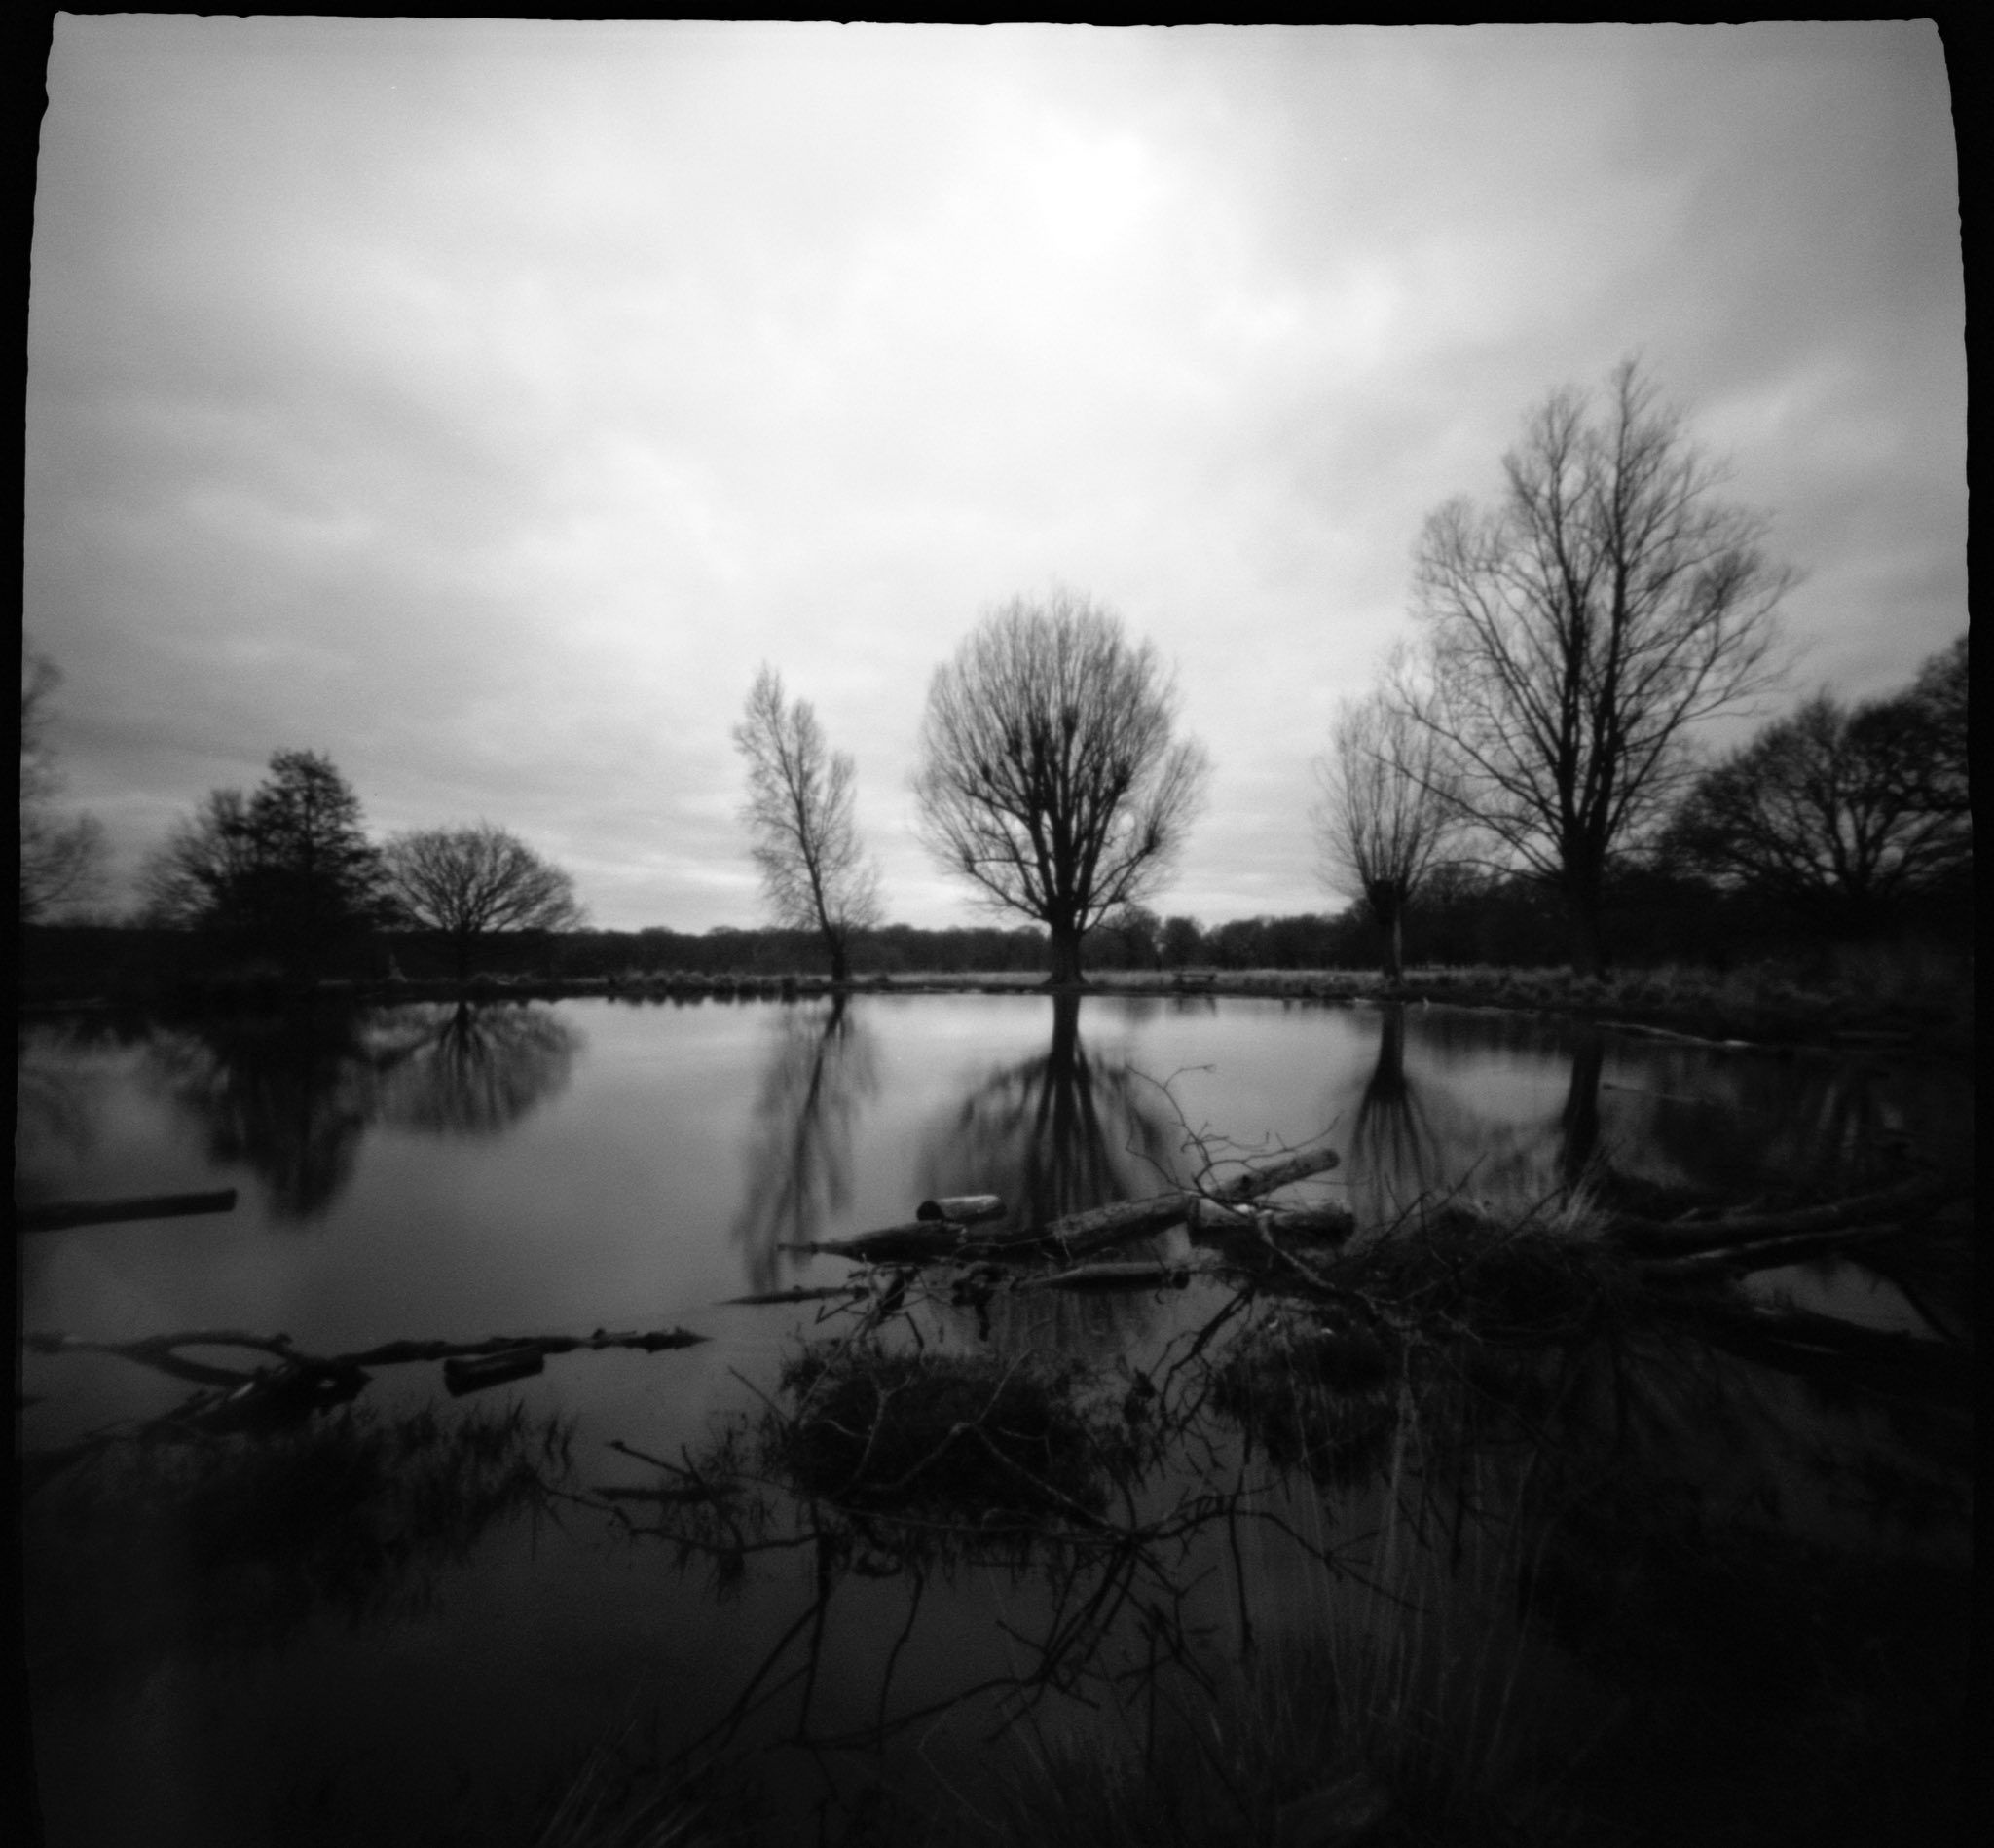 @DhutchPhot · Apr 28 #ffpinhole #fridayfavourites ZeroImage 2000 @ILFORDPhoto #Xp2Super Richmond Park pond.